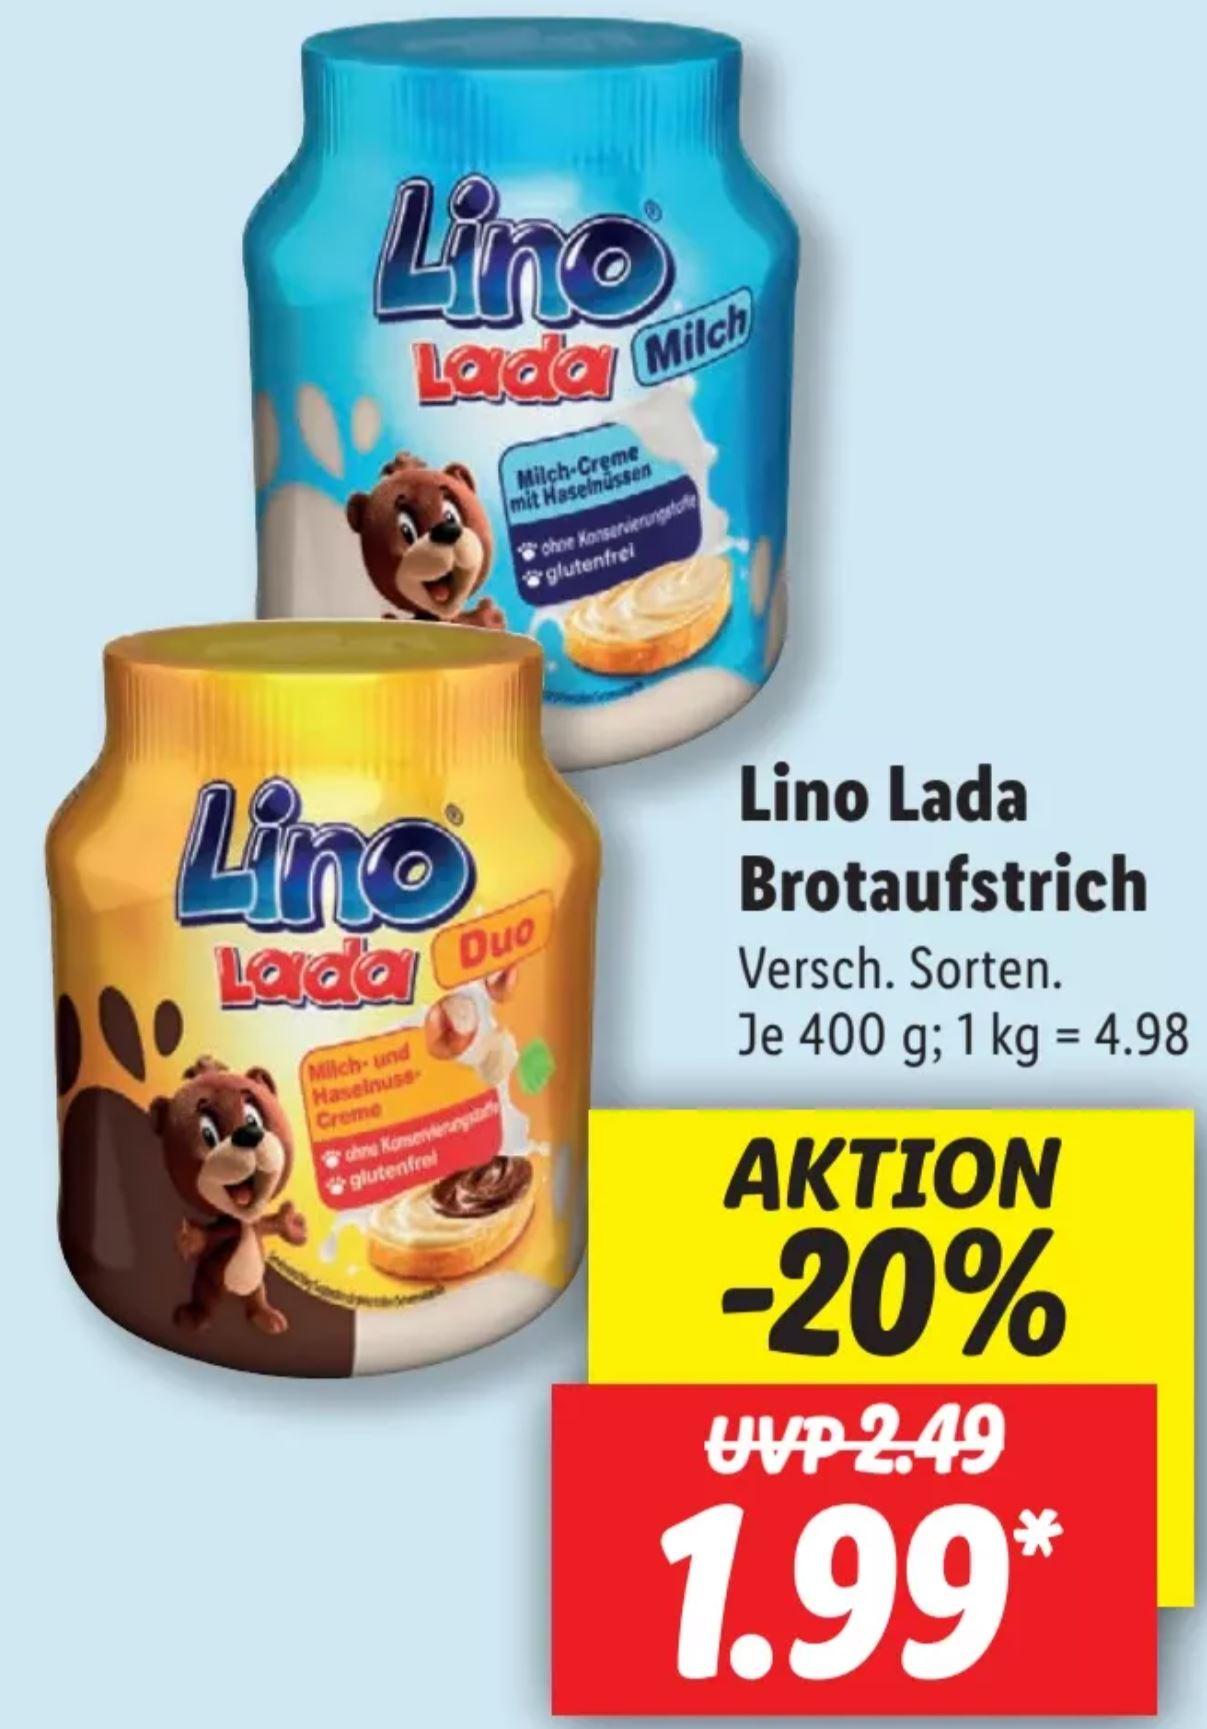 Lino Lada Milch- und Haselnuss-Creme Brotaufstrich 400g [Lidl]